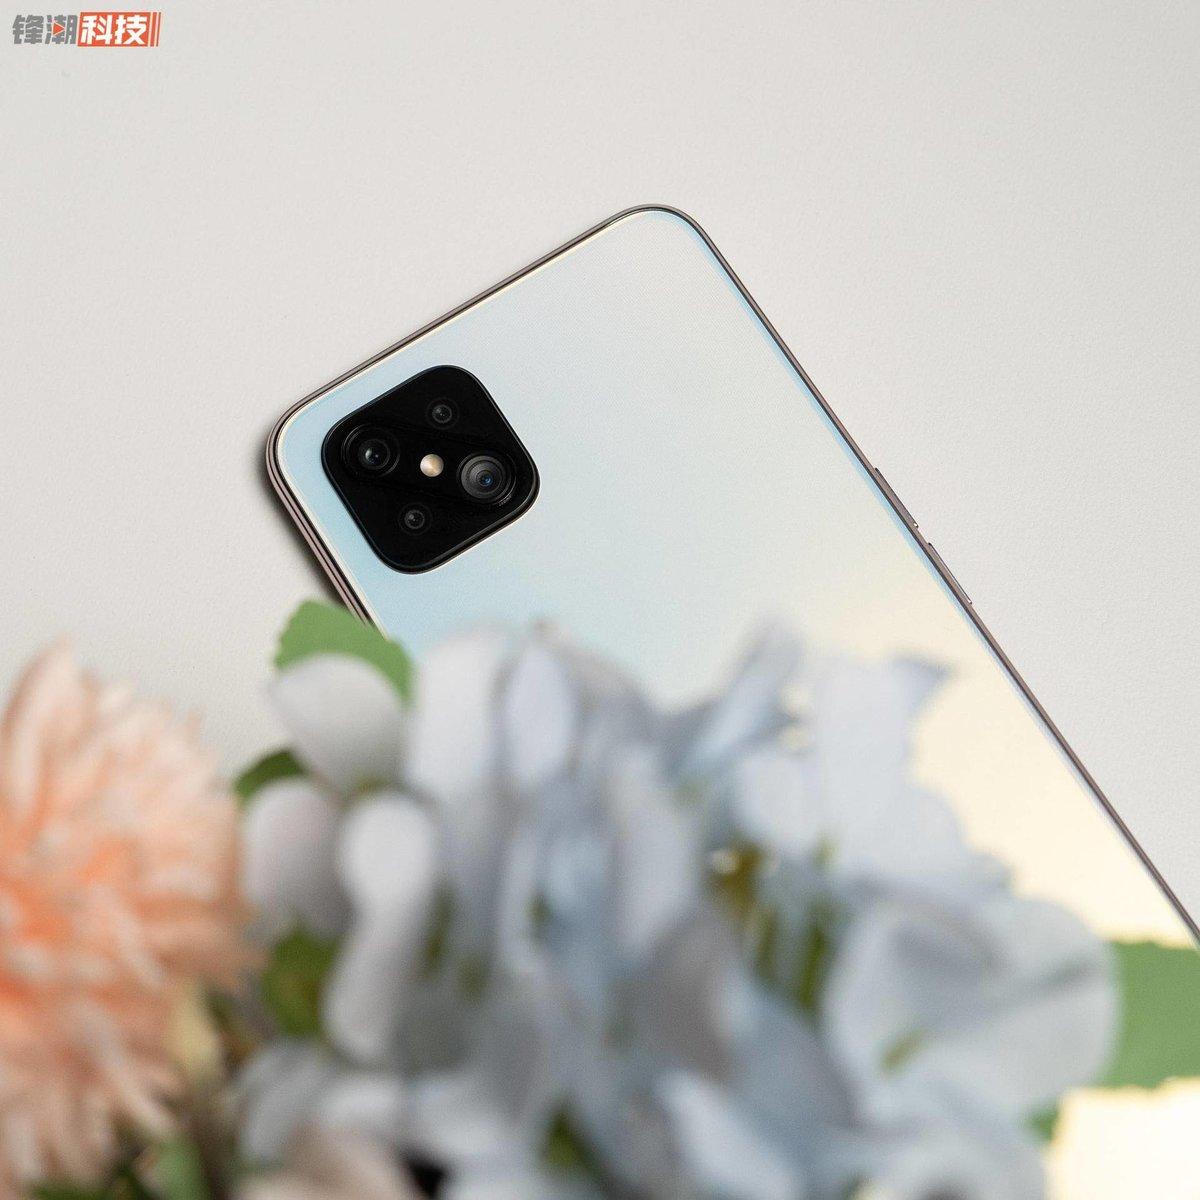 【力皮西】120Hz 刷新率,OPPO A92s 可能是性价比最高的 OPPO 手机